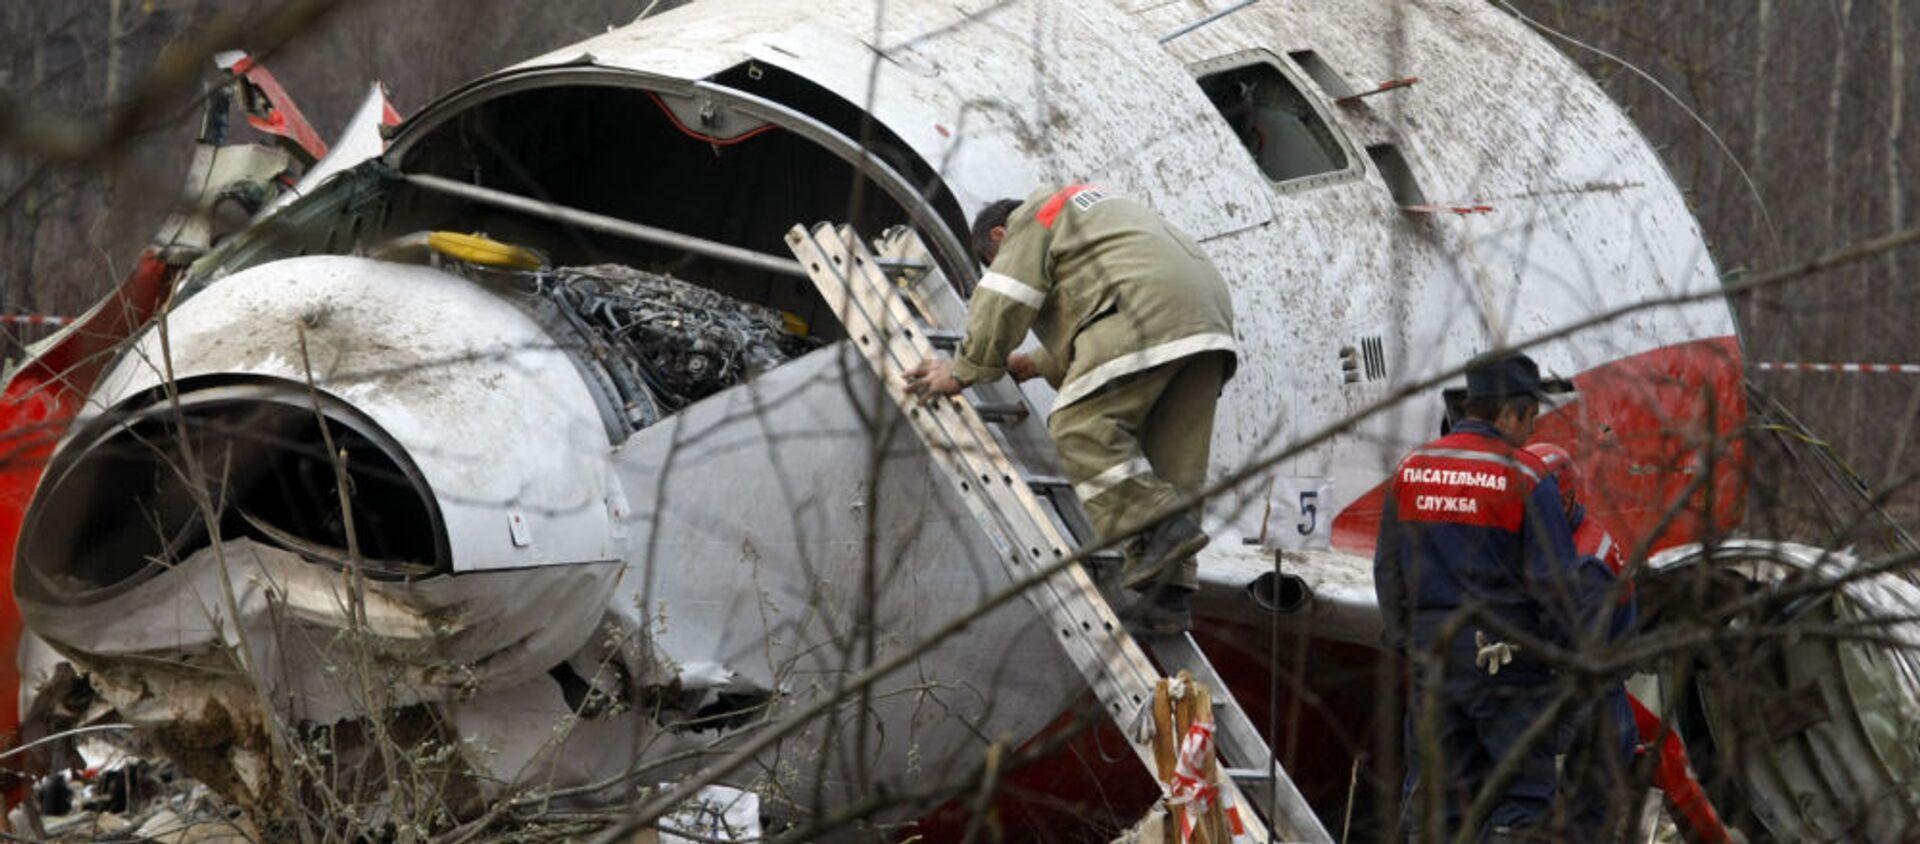 Pracownicy MSN na miejscu katastrofy prezydenckiego samolotu Tu-154 pod Smoleńskiem, 13 kwietnia 2010 r. - Sputnik Polska, 1920, 11.04.2021